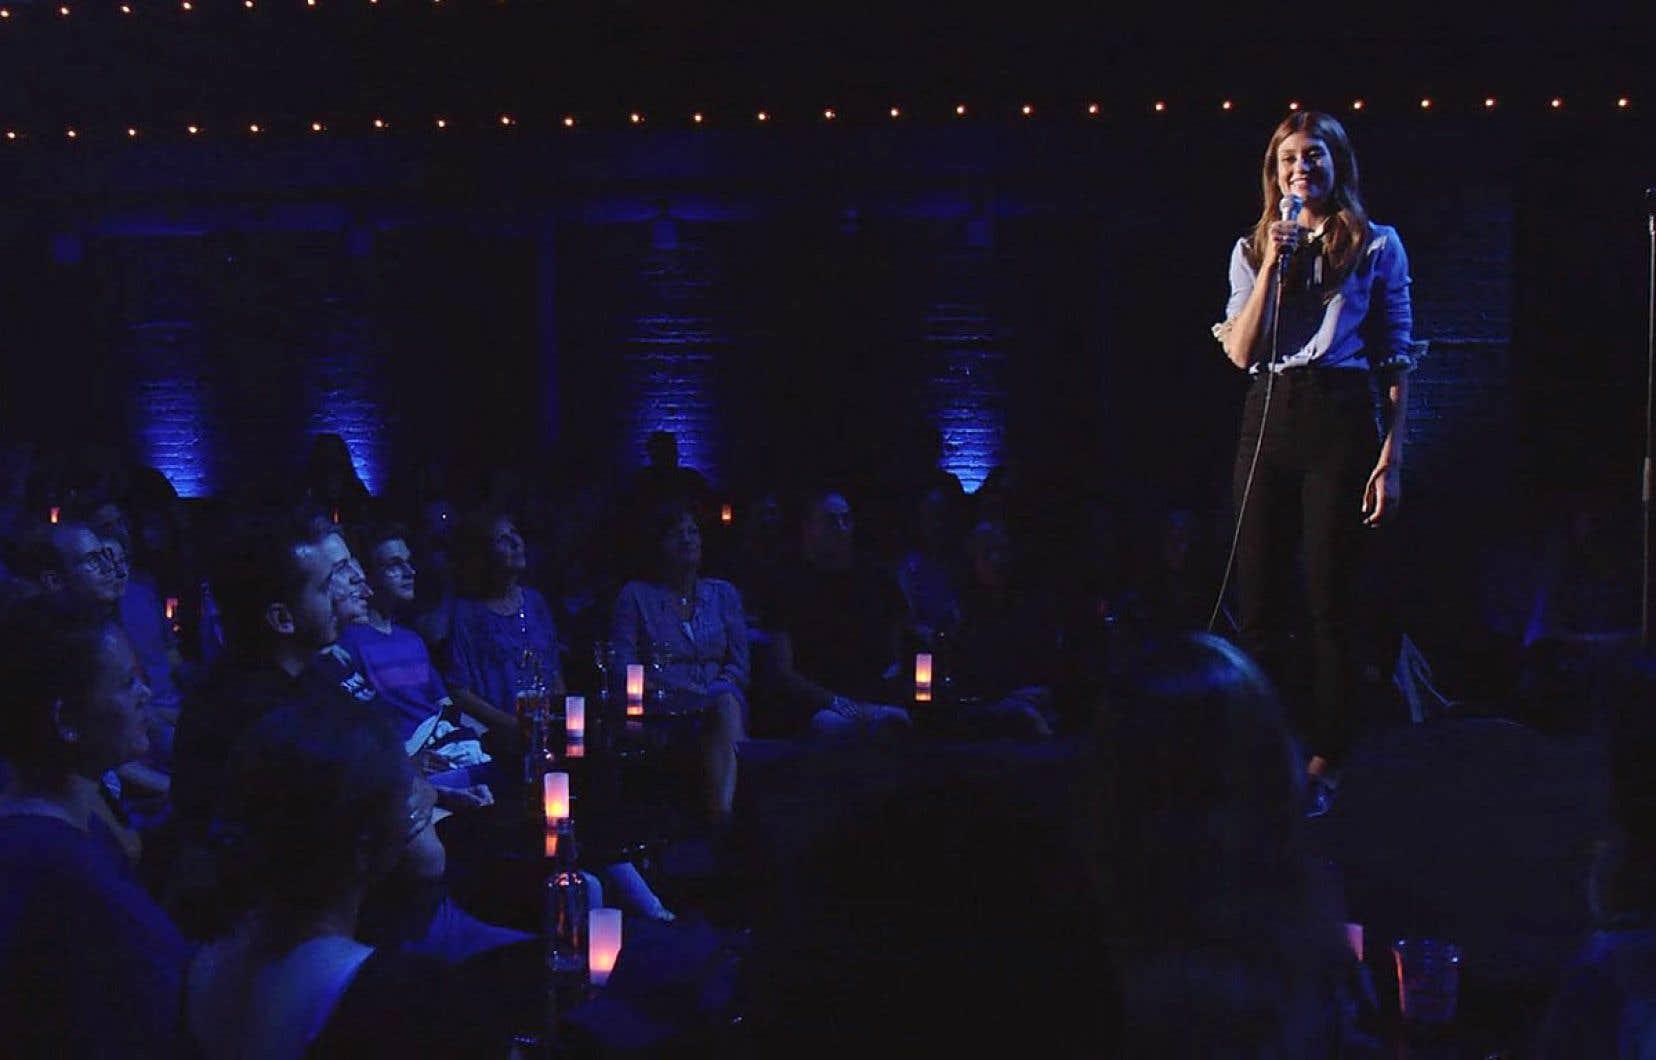 La plateforme en ligne a eu la bonne idée de mettre en lumière des artistes en début de parcours scénique, et qui sont peut-être davantage de la génération Netflix, comme l'humoriste Katherine Levac.